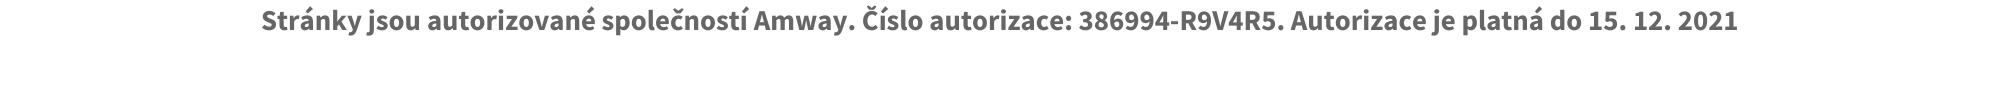 Číslo autorizace